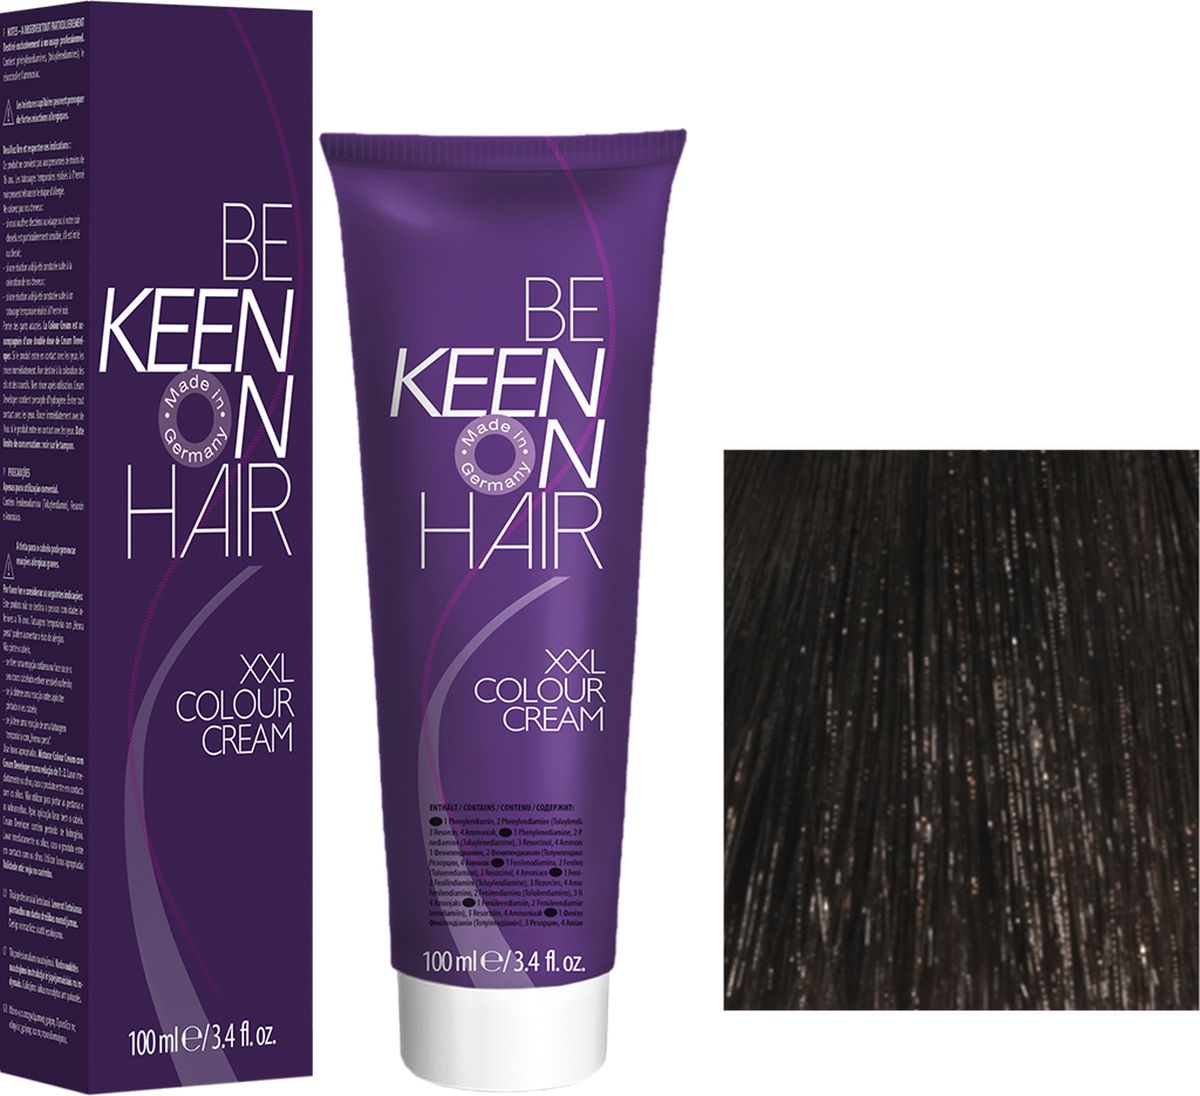 Keen Краска для волос 4.0 Коричневый Mittelbraun, 100 мл68801750Модные оттенкиБолее 100 оттенков для креативной комбинации цветов.ЭкономичностьПри использовании тюбика 100 мл вы получаете оптимальное соотношение цены и качества!УходМолочный белок поддерживает структуру волоса во время окрашивания и придает волосам блеск и шелковистость. Протеины хорошо встраиваются в волосы и снабжают их влагой.